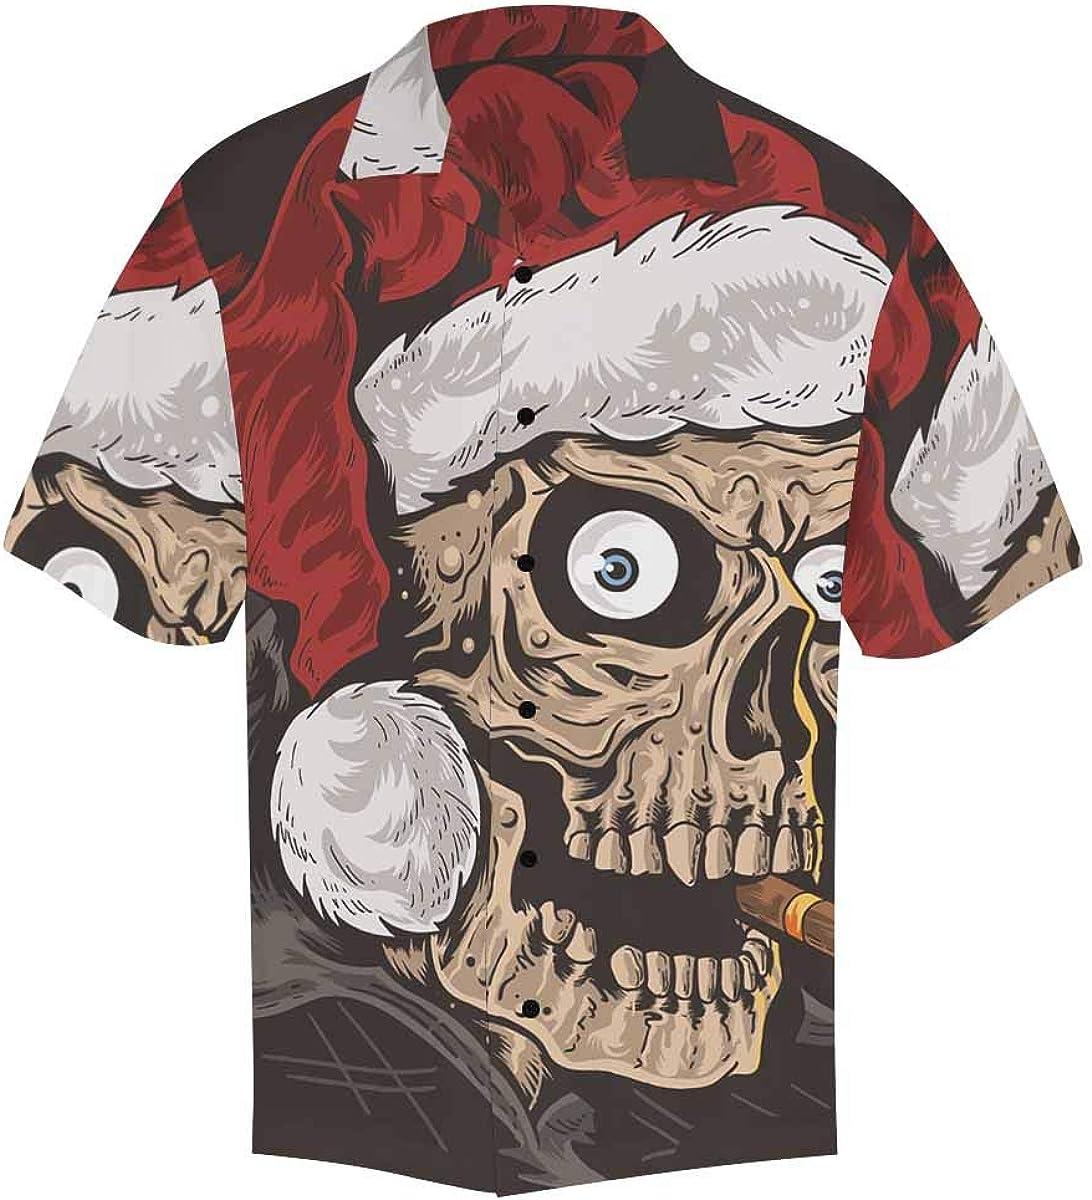 InterestPrint Men's Casual Button Down Short Sleeve Christmas Reindeer Hawaiian Shirt (S-5XL)